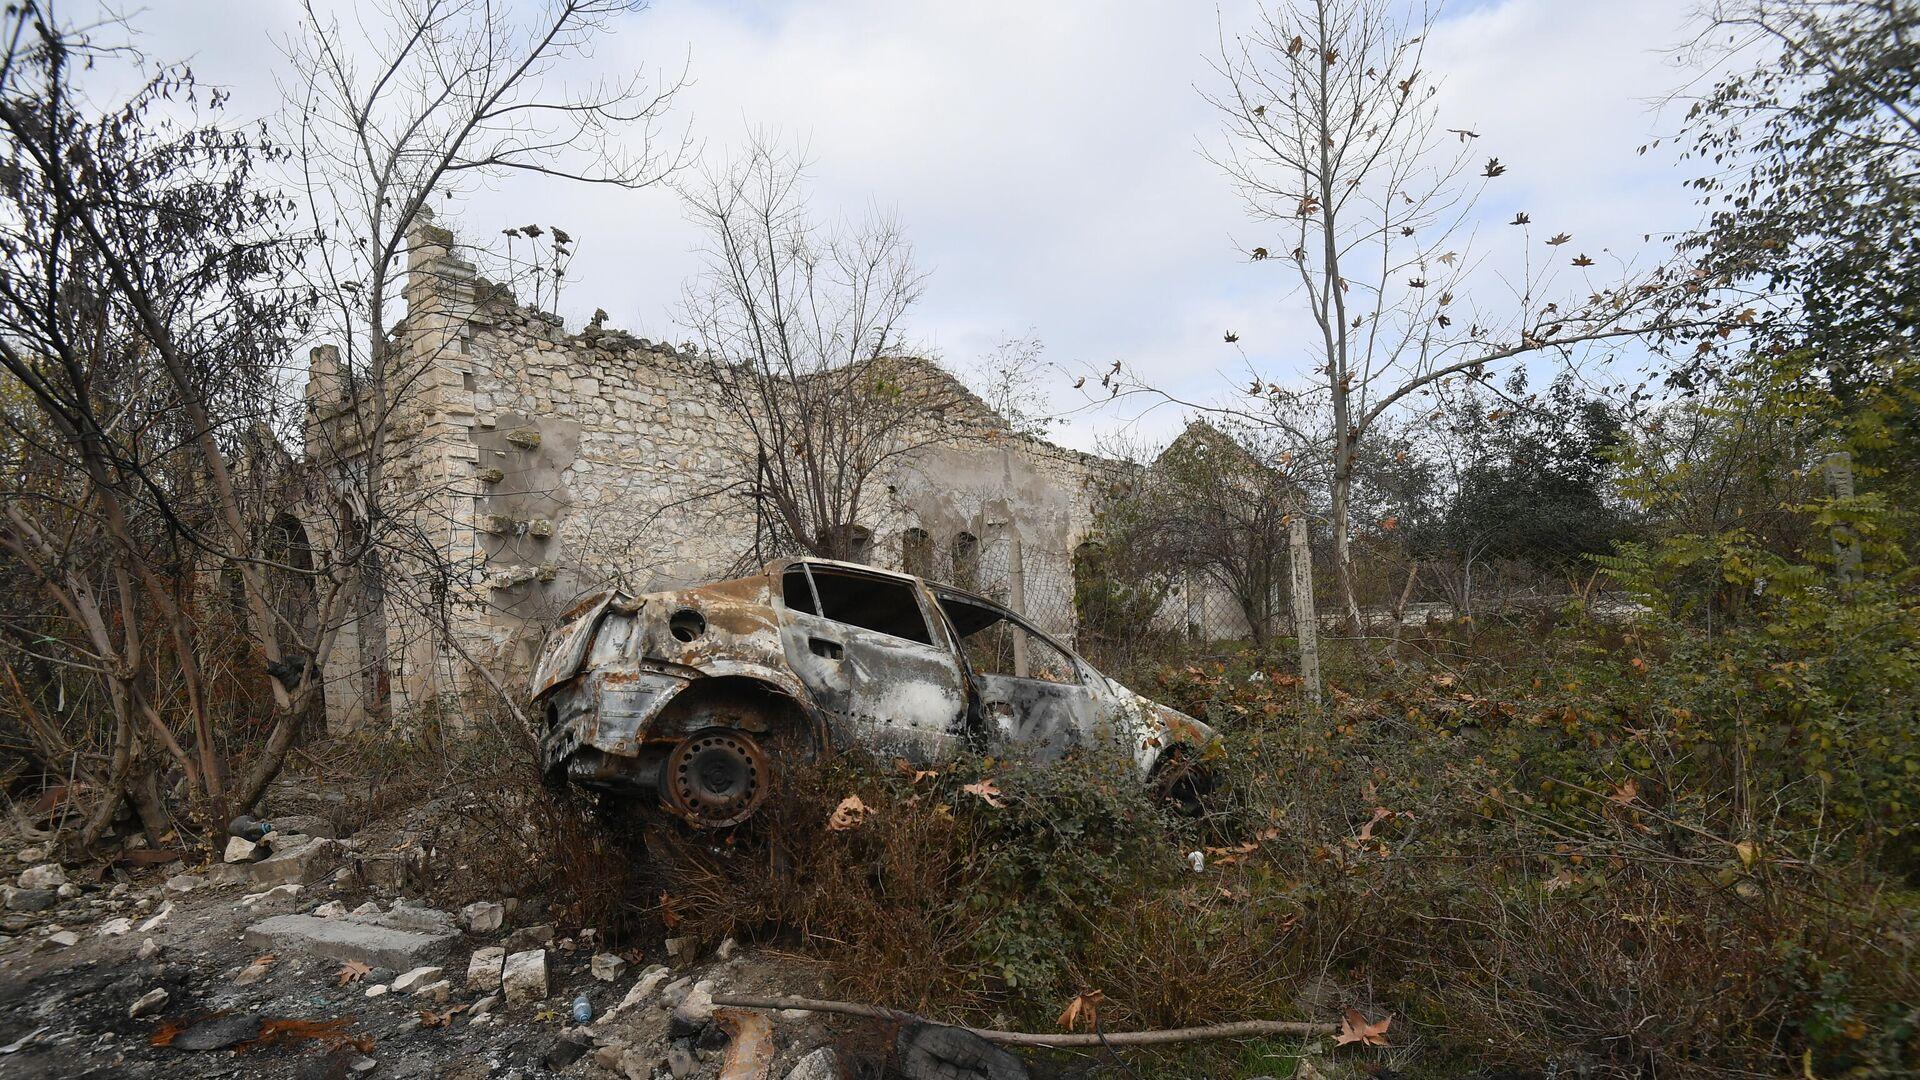 Сгоревший автомобиль у разрушенного здания в Физули - РИА Новости, 1920, 21.06.2021